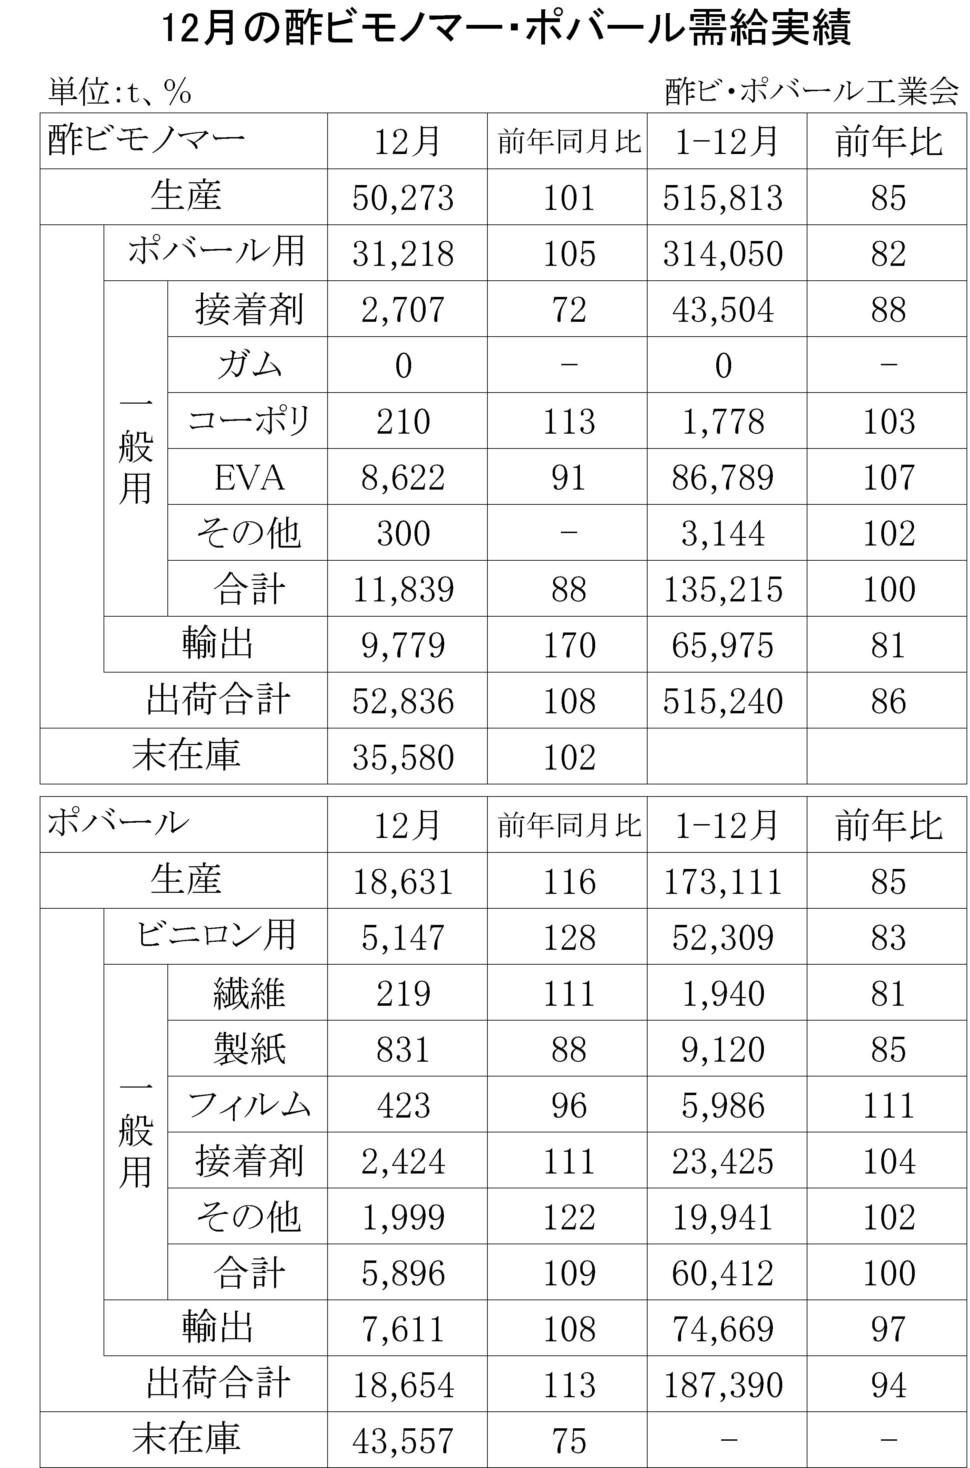 01-(年間使用)酢ビモノマー・ポバール需給実績